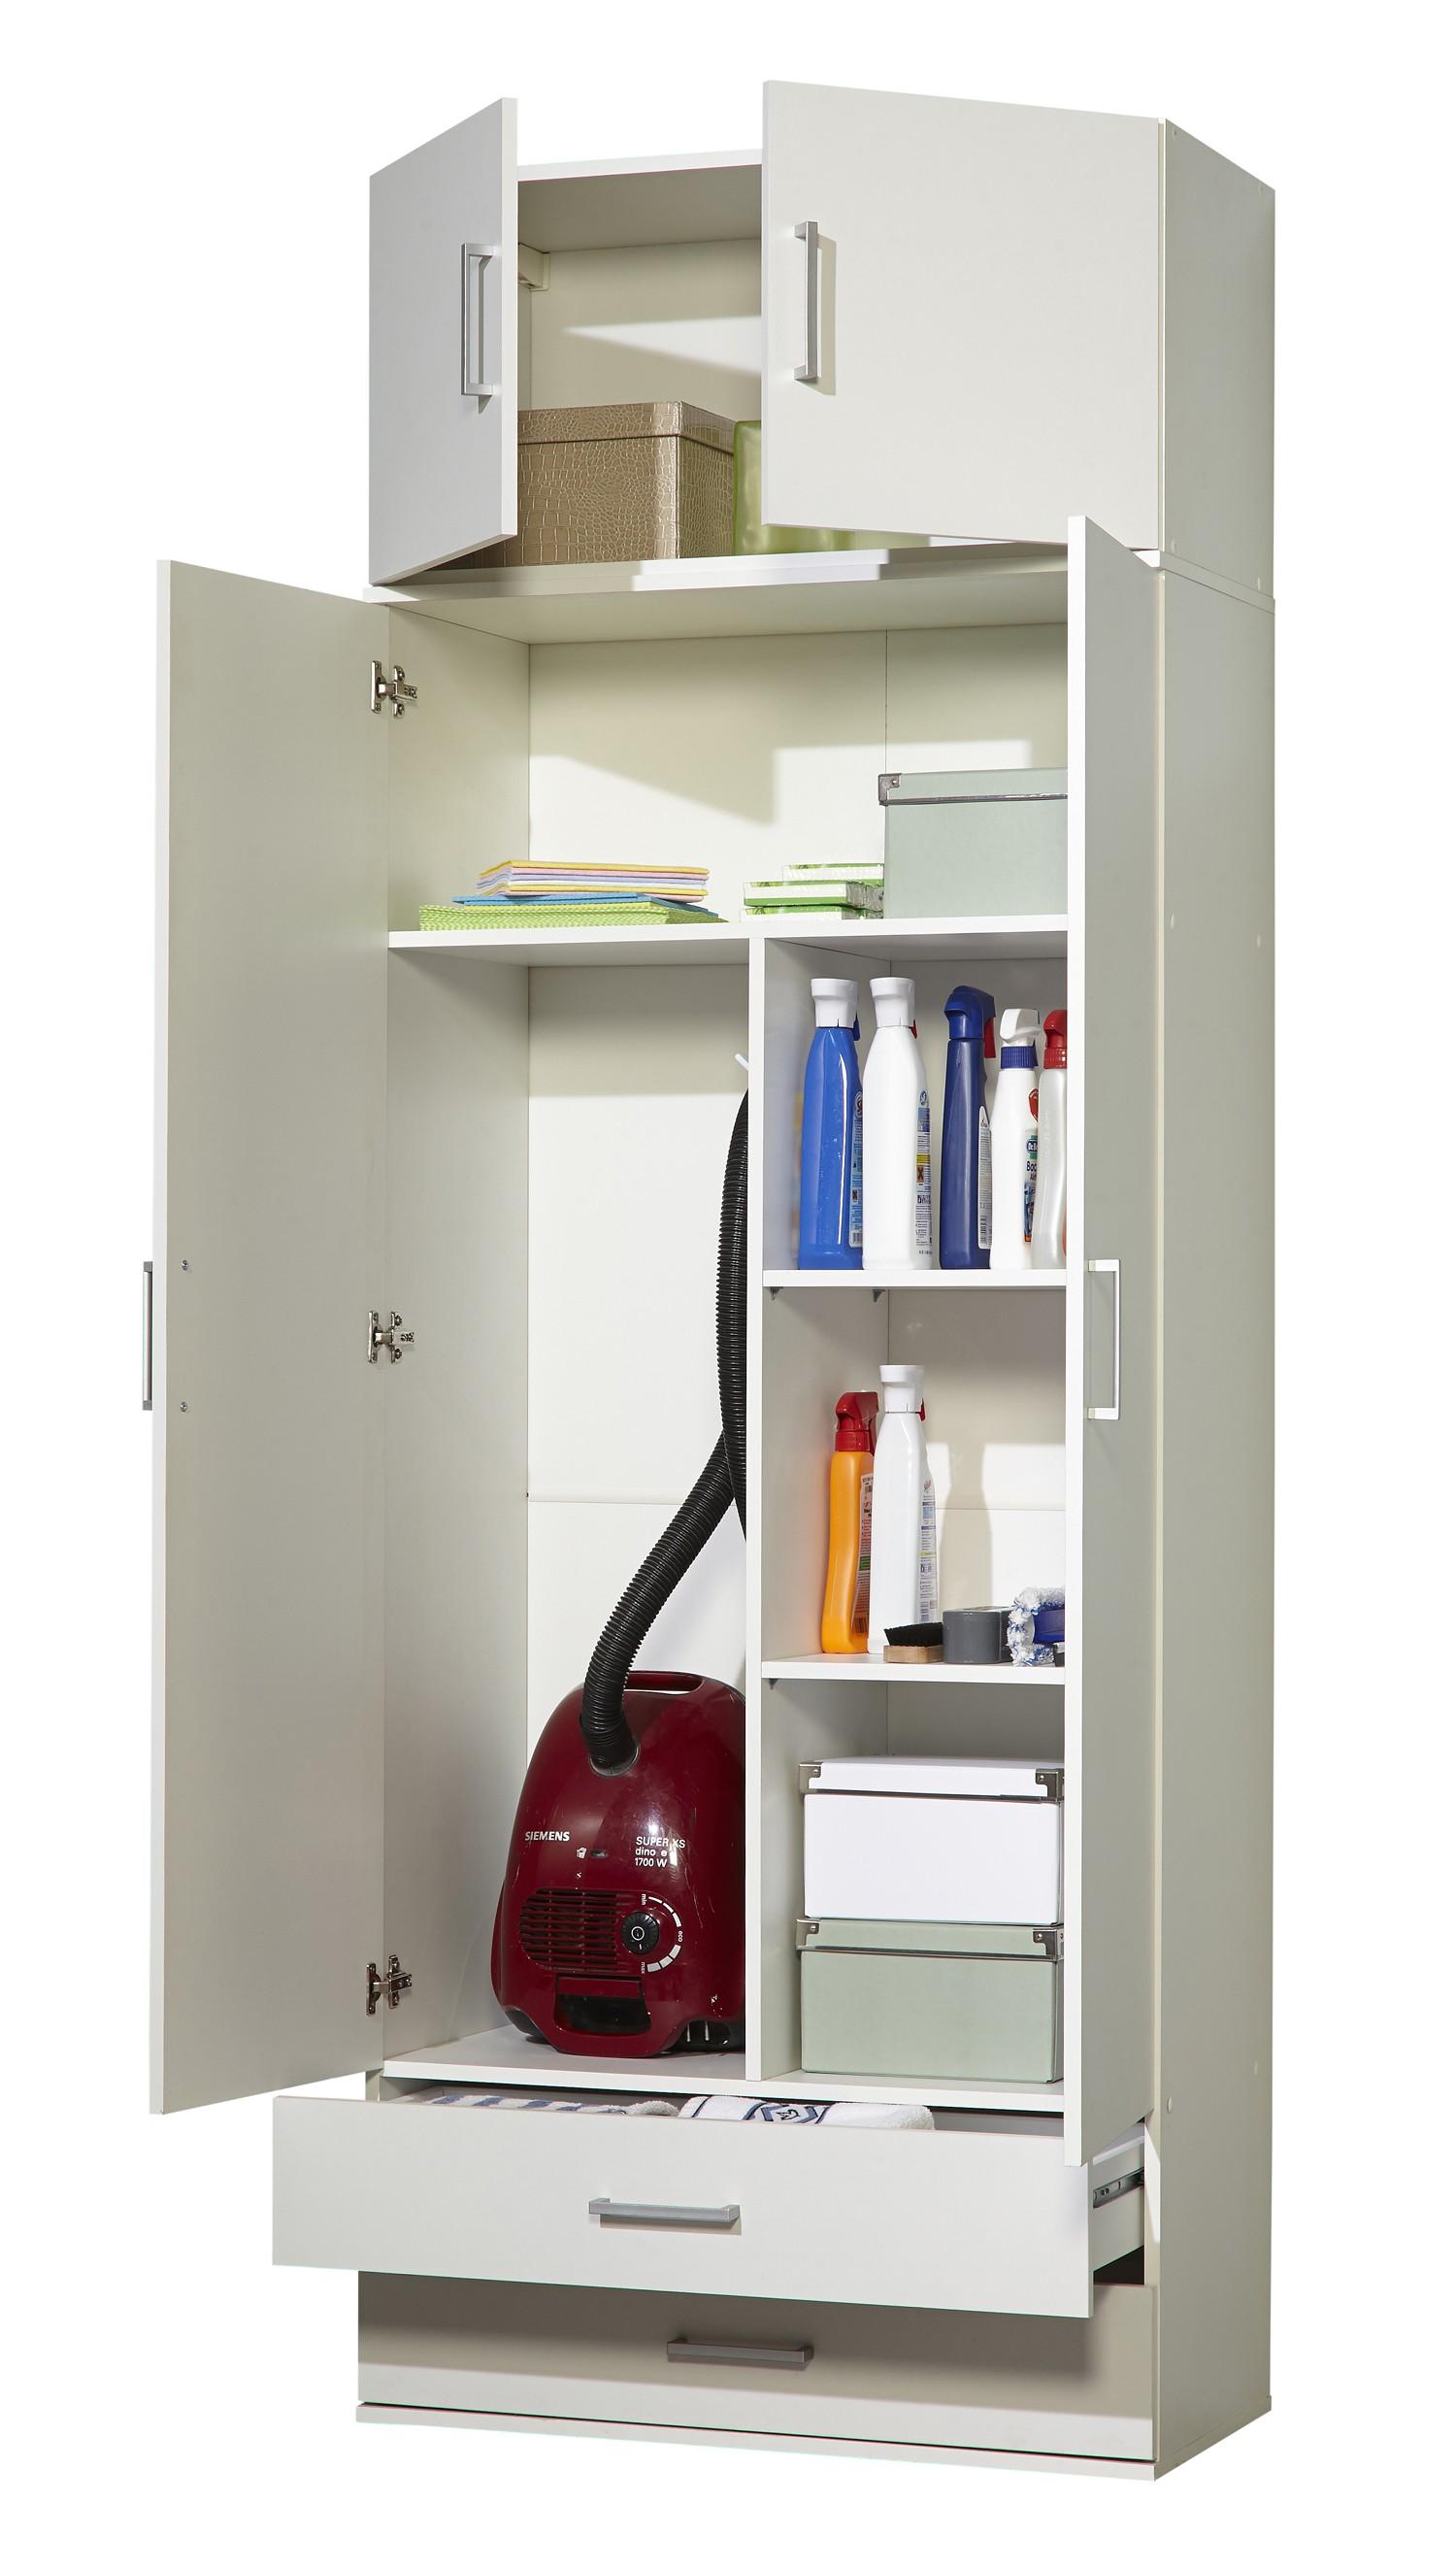 Staubsaugerschrank - Mehrzweckschrank Mod.W030 Weiss - H&C Möbel